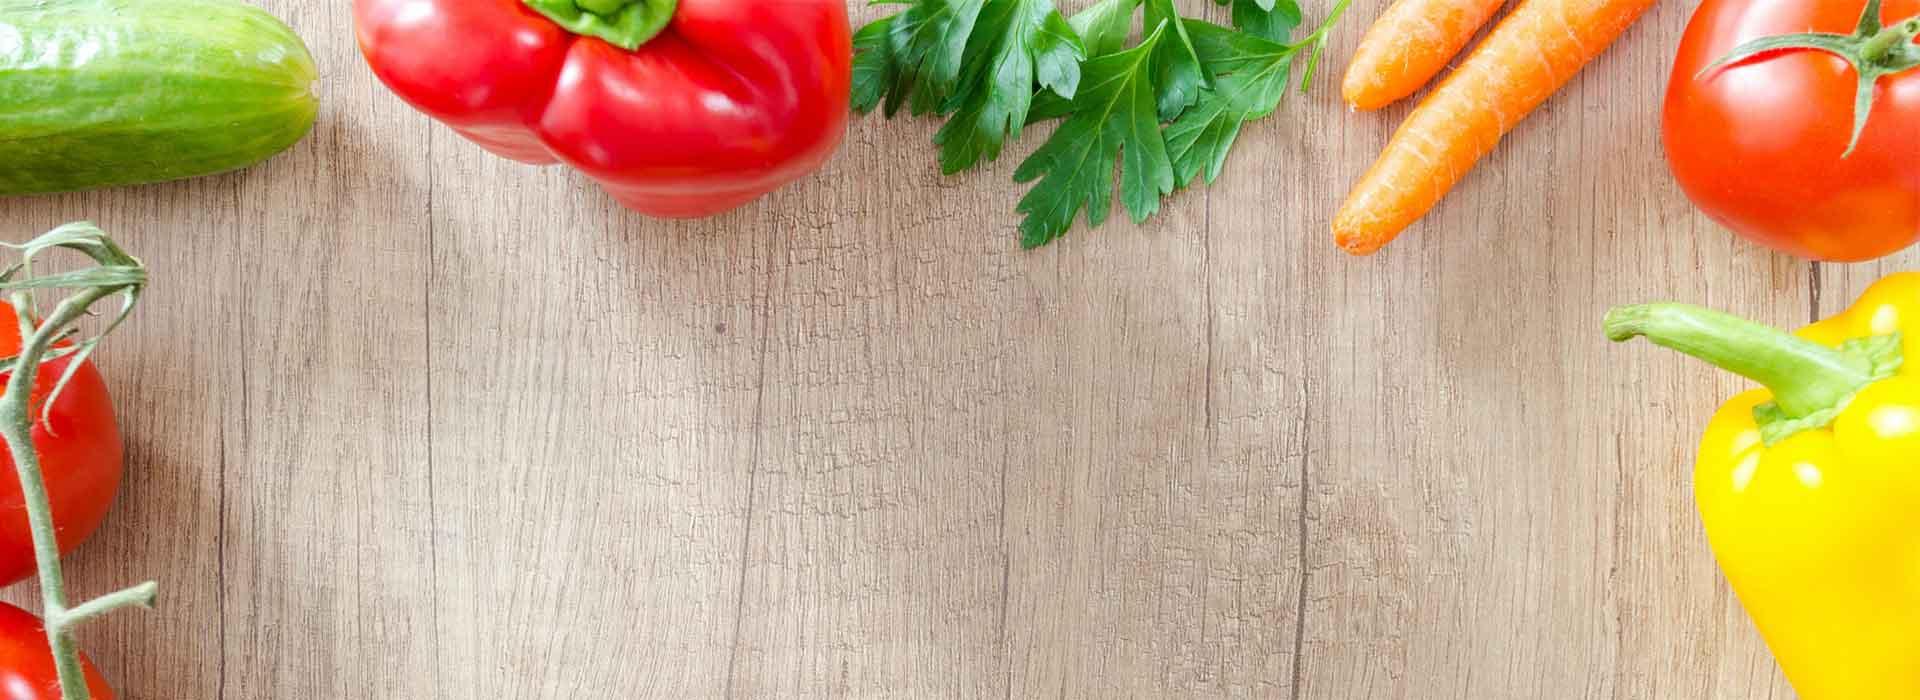 Vegan Vegetarain Facts